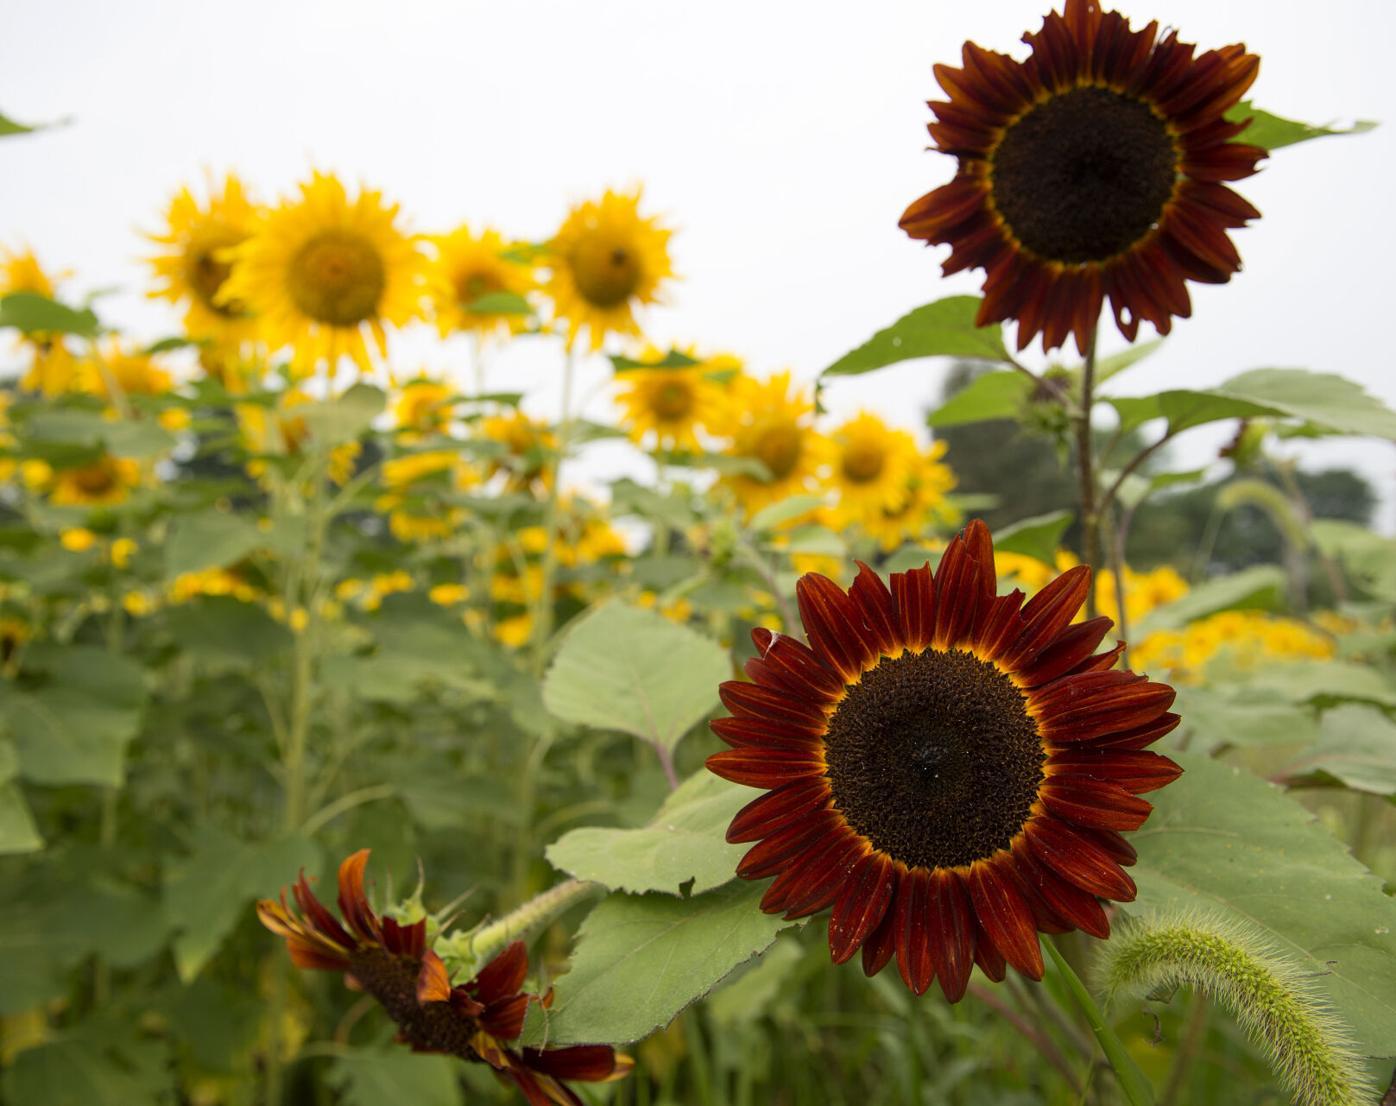 Wheatland Sunflower Field